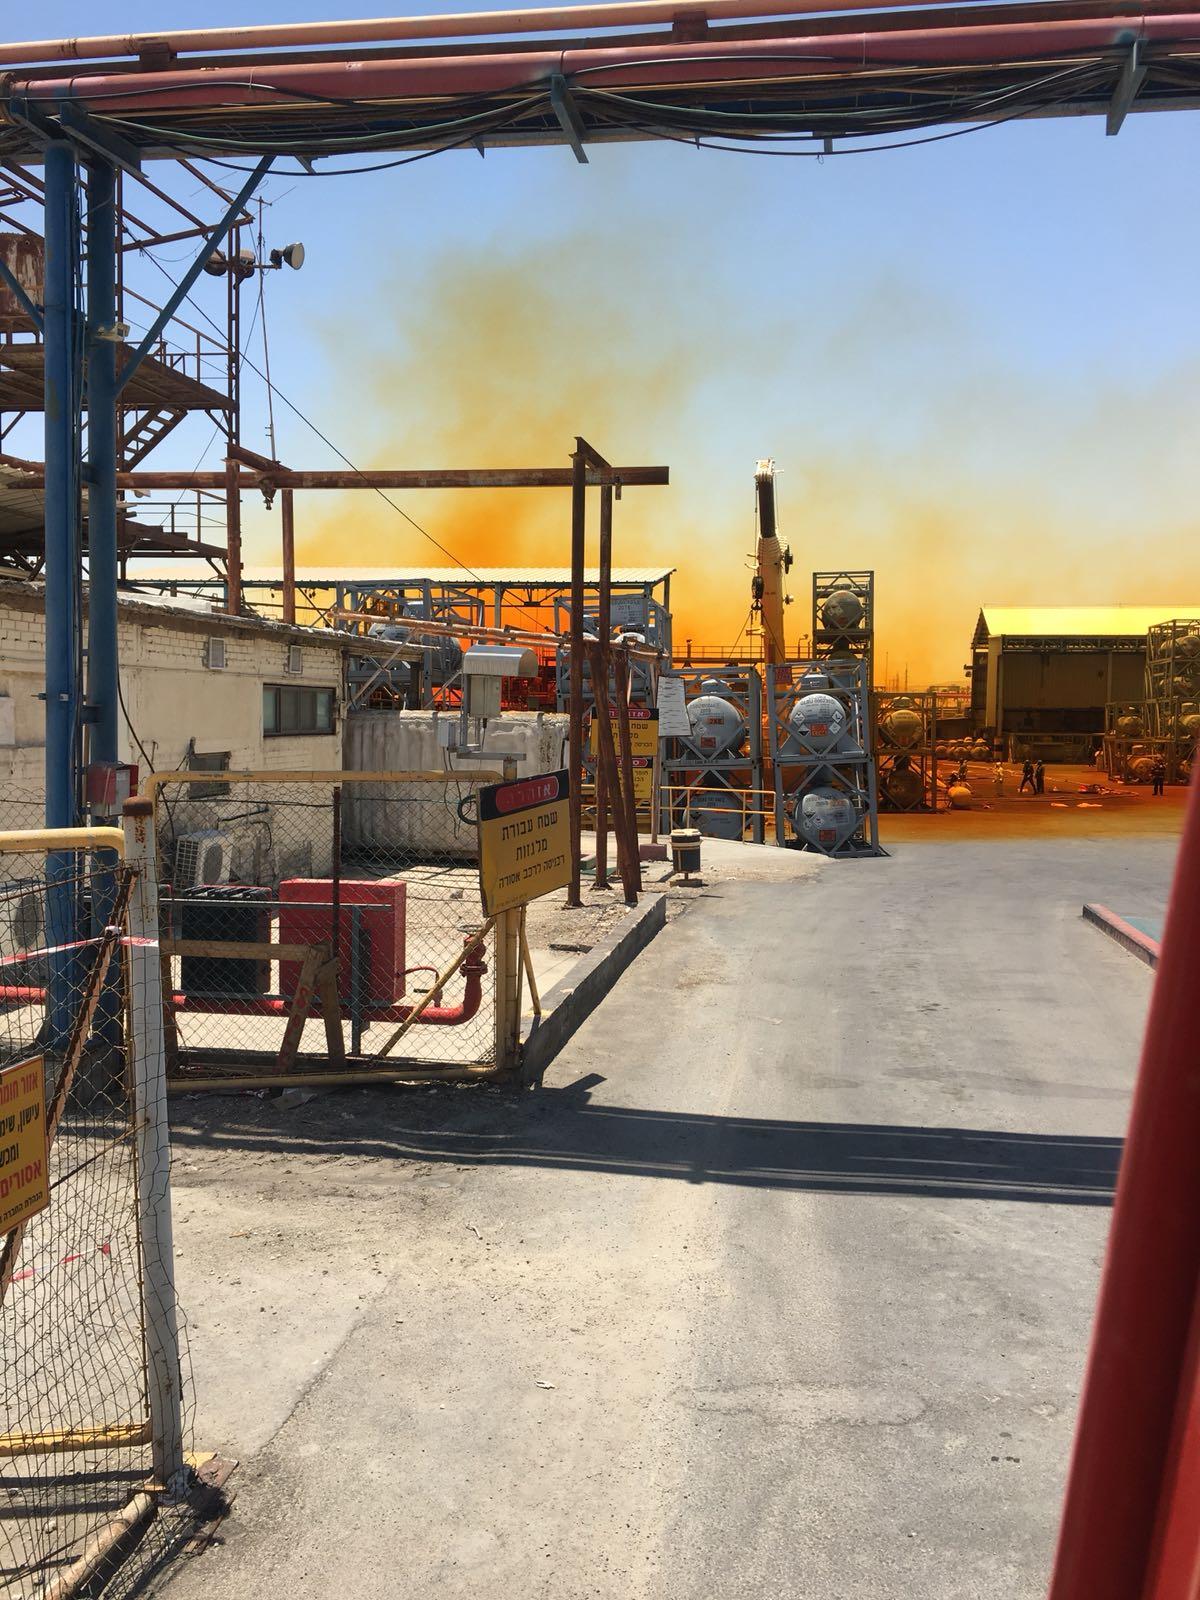 חומר מסוכן  דלף ממפעלי ים המלח: לתושבים הותר לצאת מבתיהם